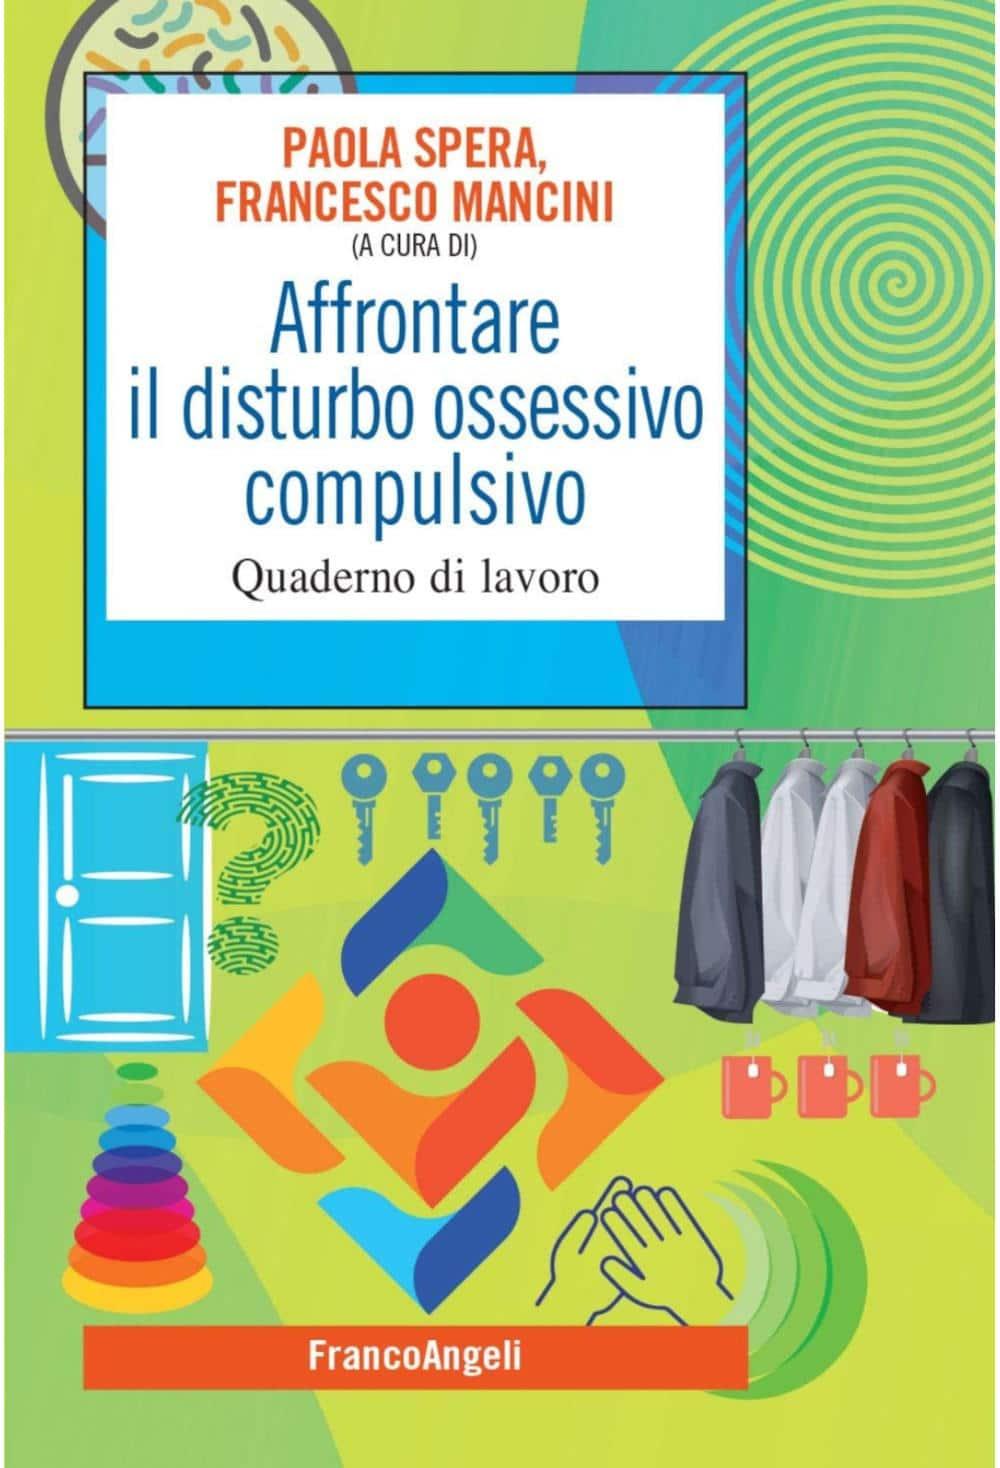 Affrontare il disturbo ossessivo compulsivo. Quaderno di lavoro (2021) di Paola Spera e Francesco Mancini – Recensione del libro